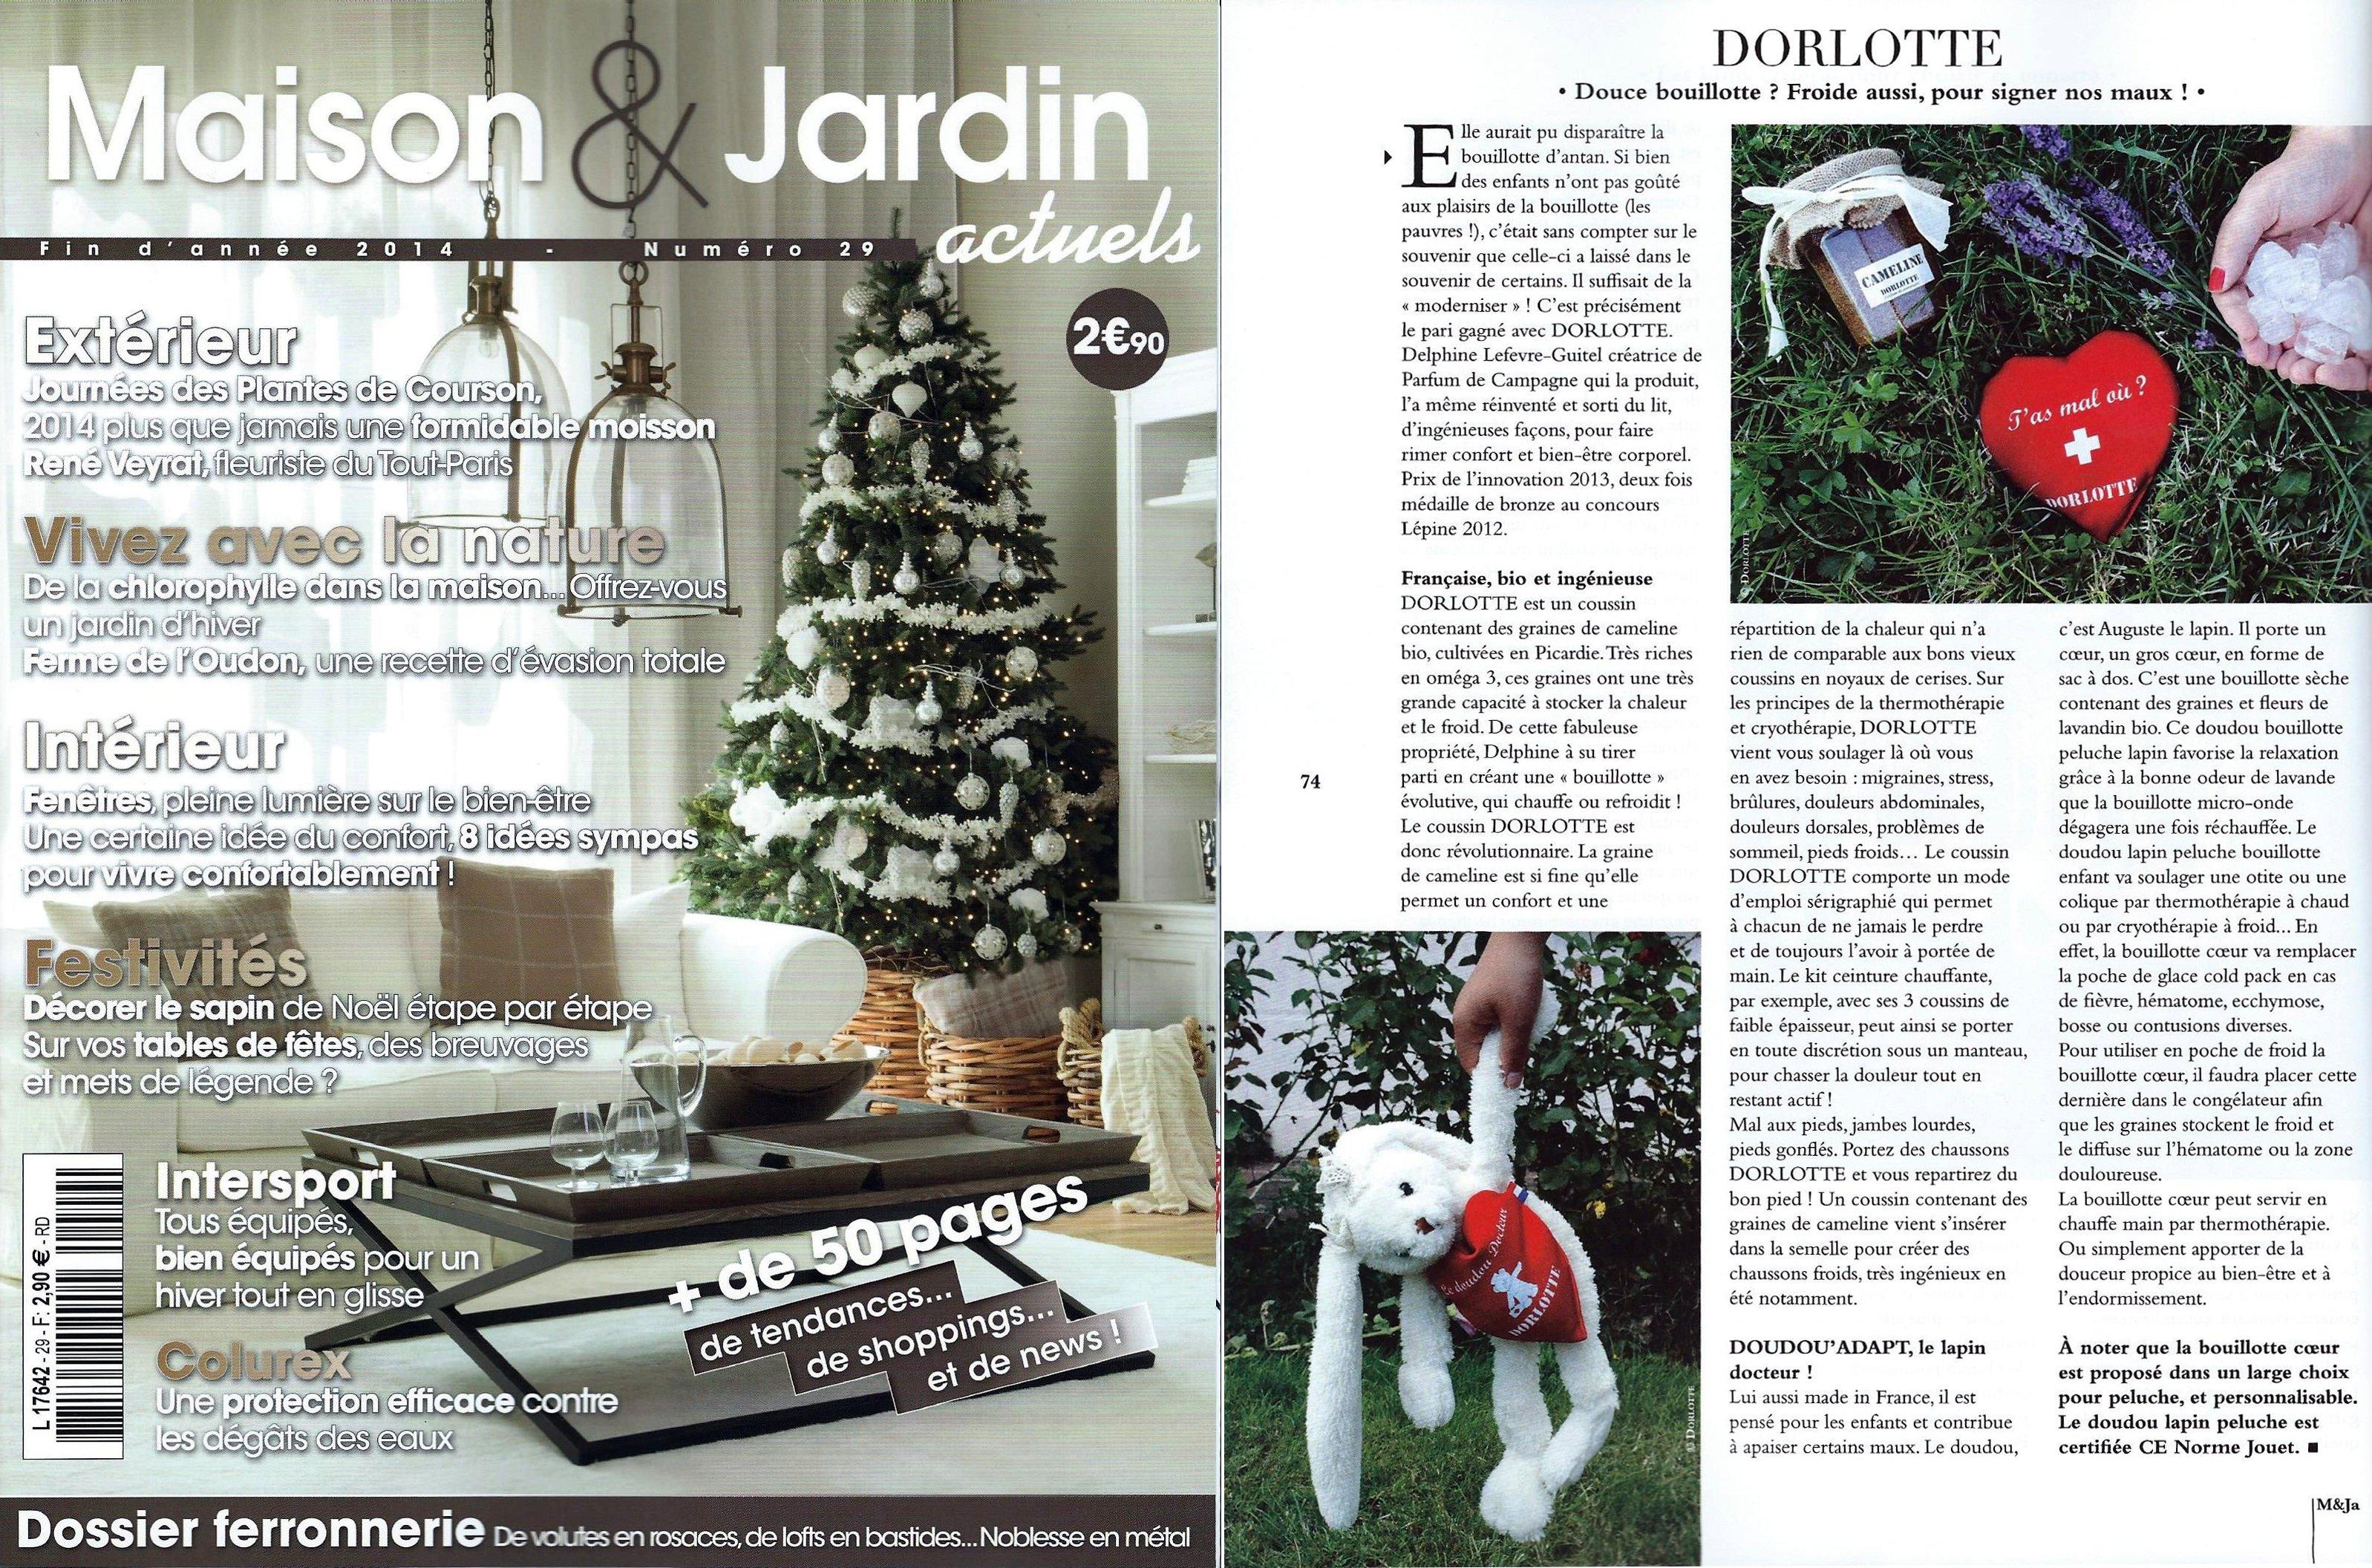 Les bouillottes micro-ondes Dorlotte sont à l'honneur dans le magazine Maison & Jardin actuels N°29 de cette fin d'année 2014